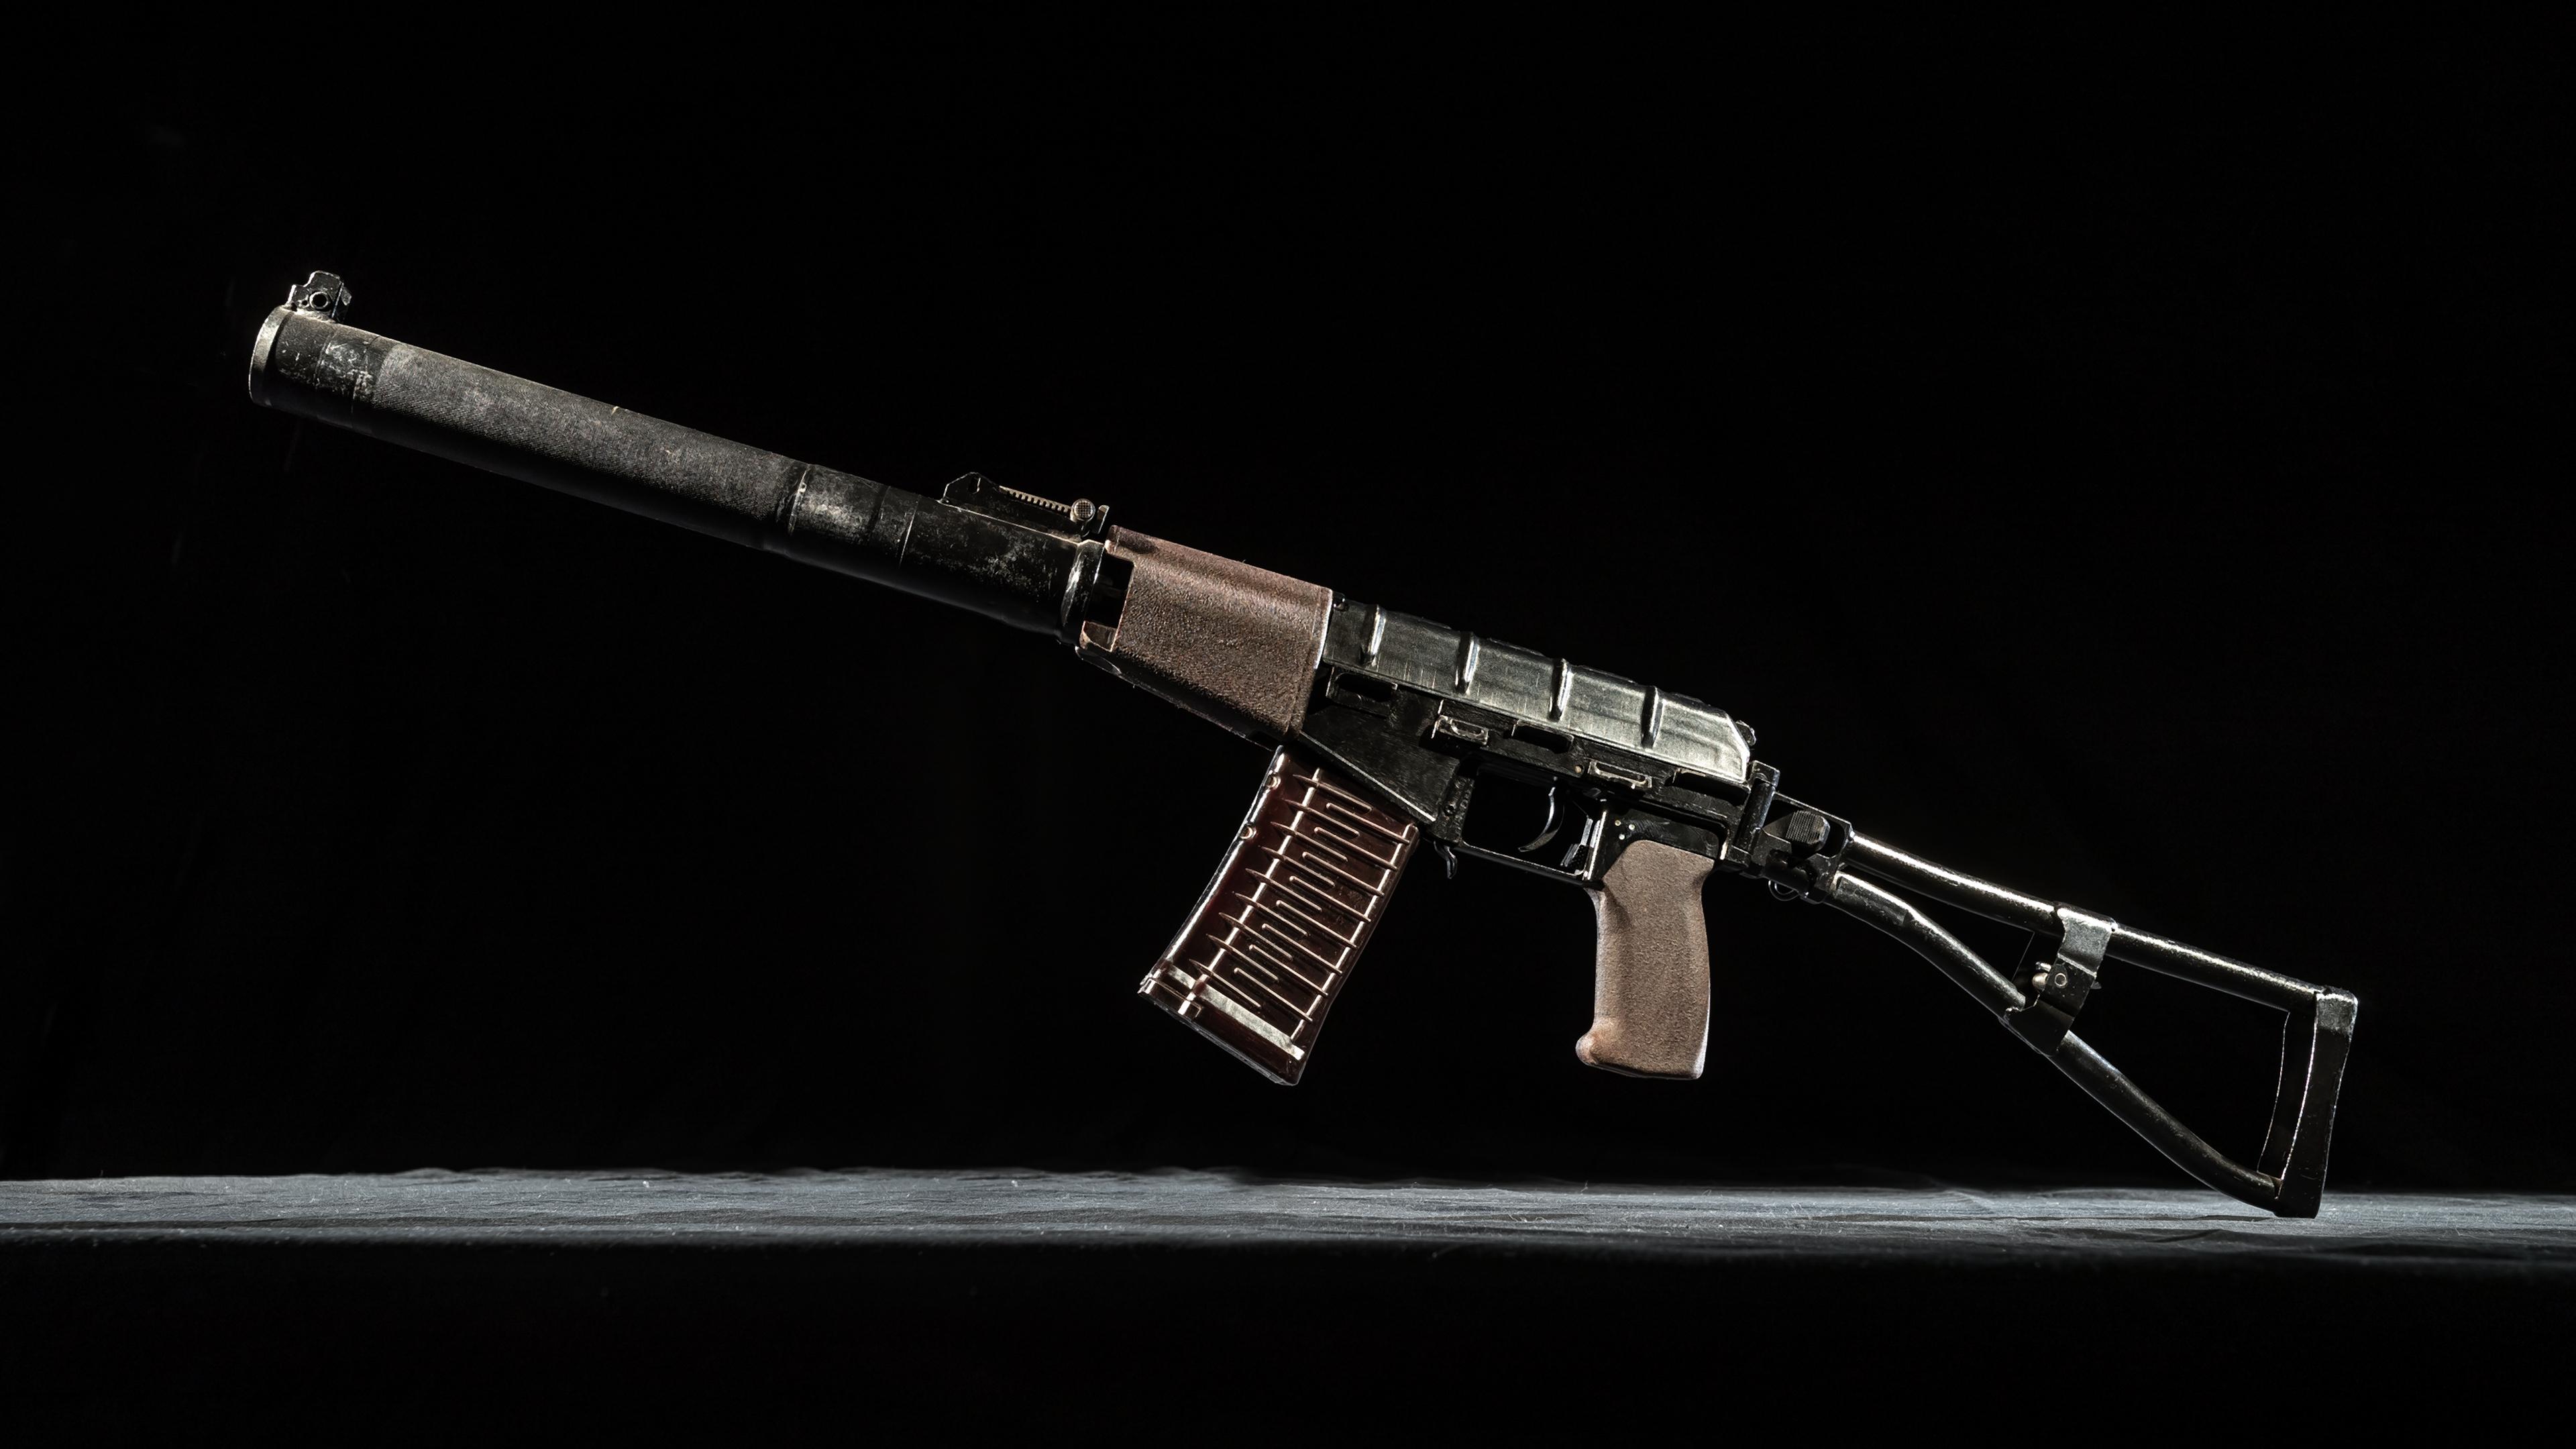 Паноптикум: автомат специальный «Вал» | Kalashnikov.Media